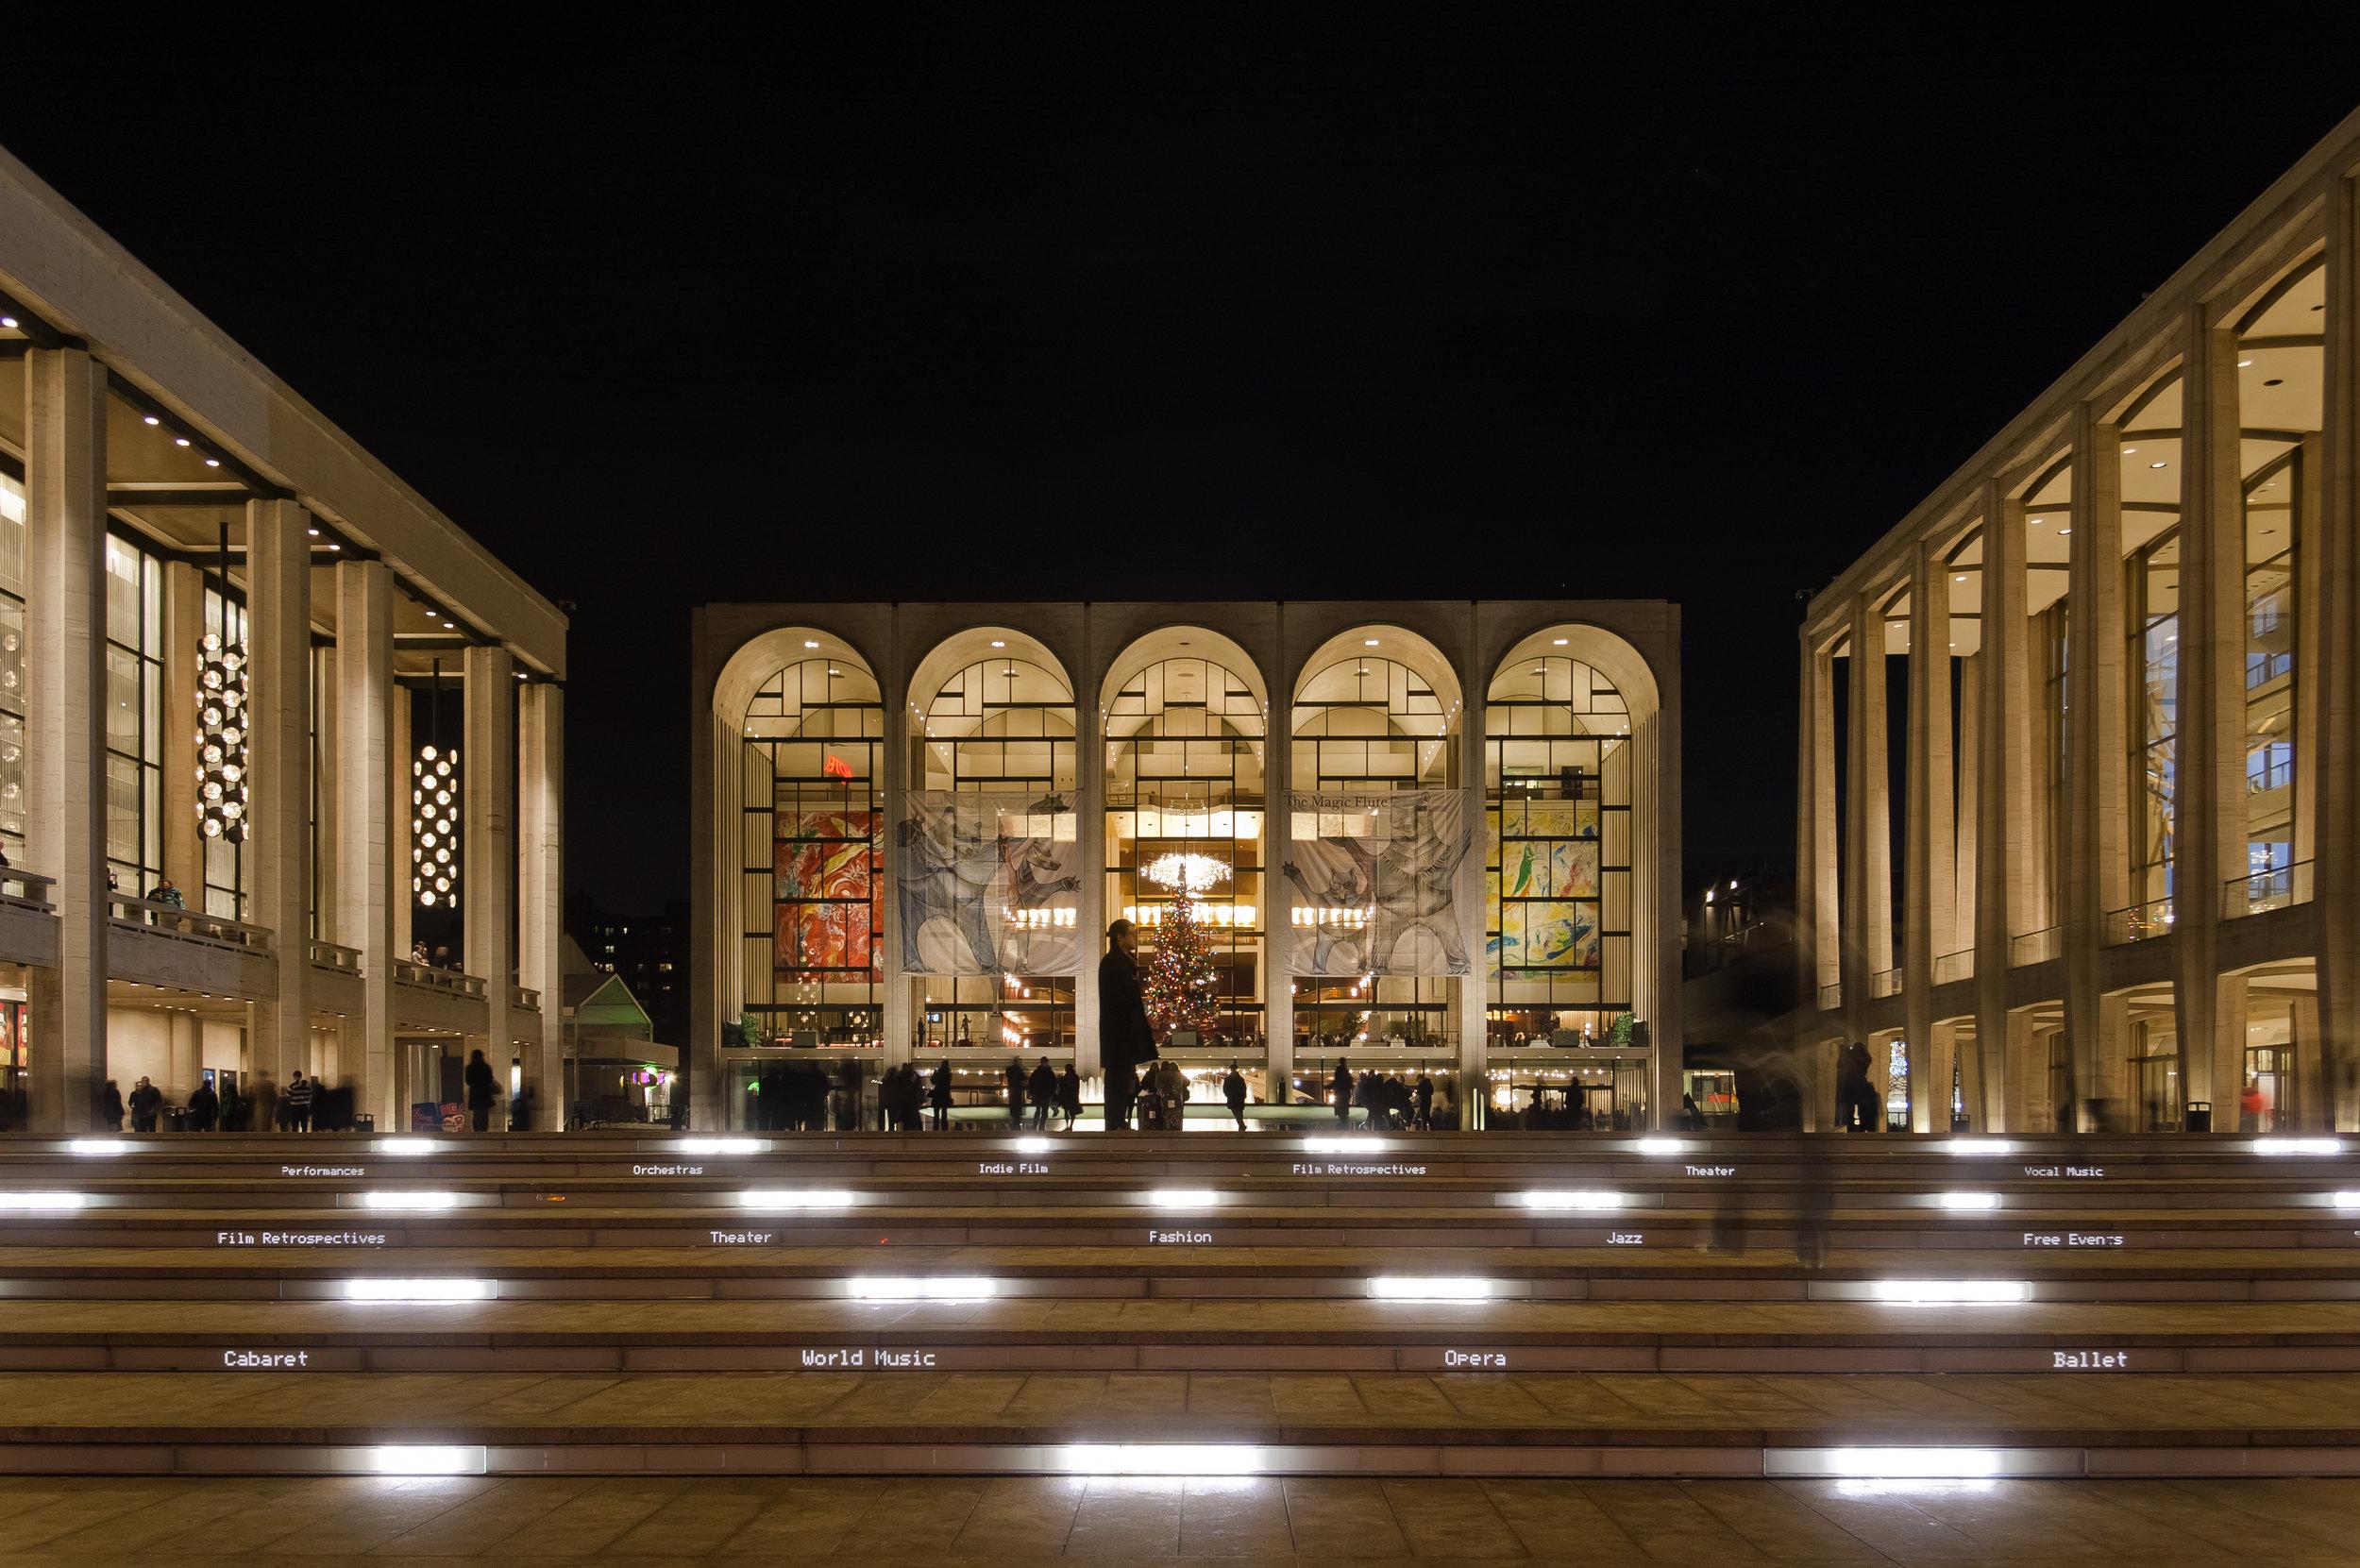 Lincoln_Center_Main-1.jpg